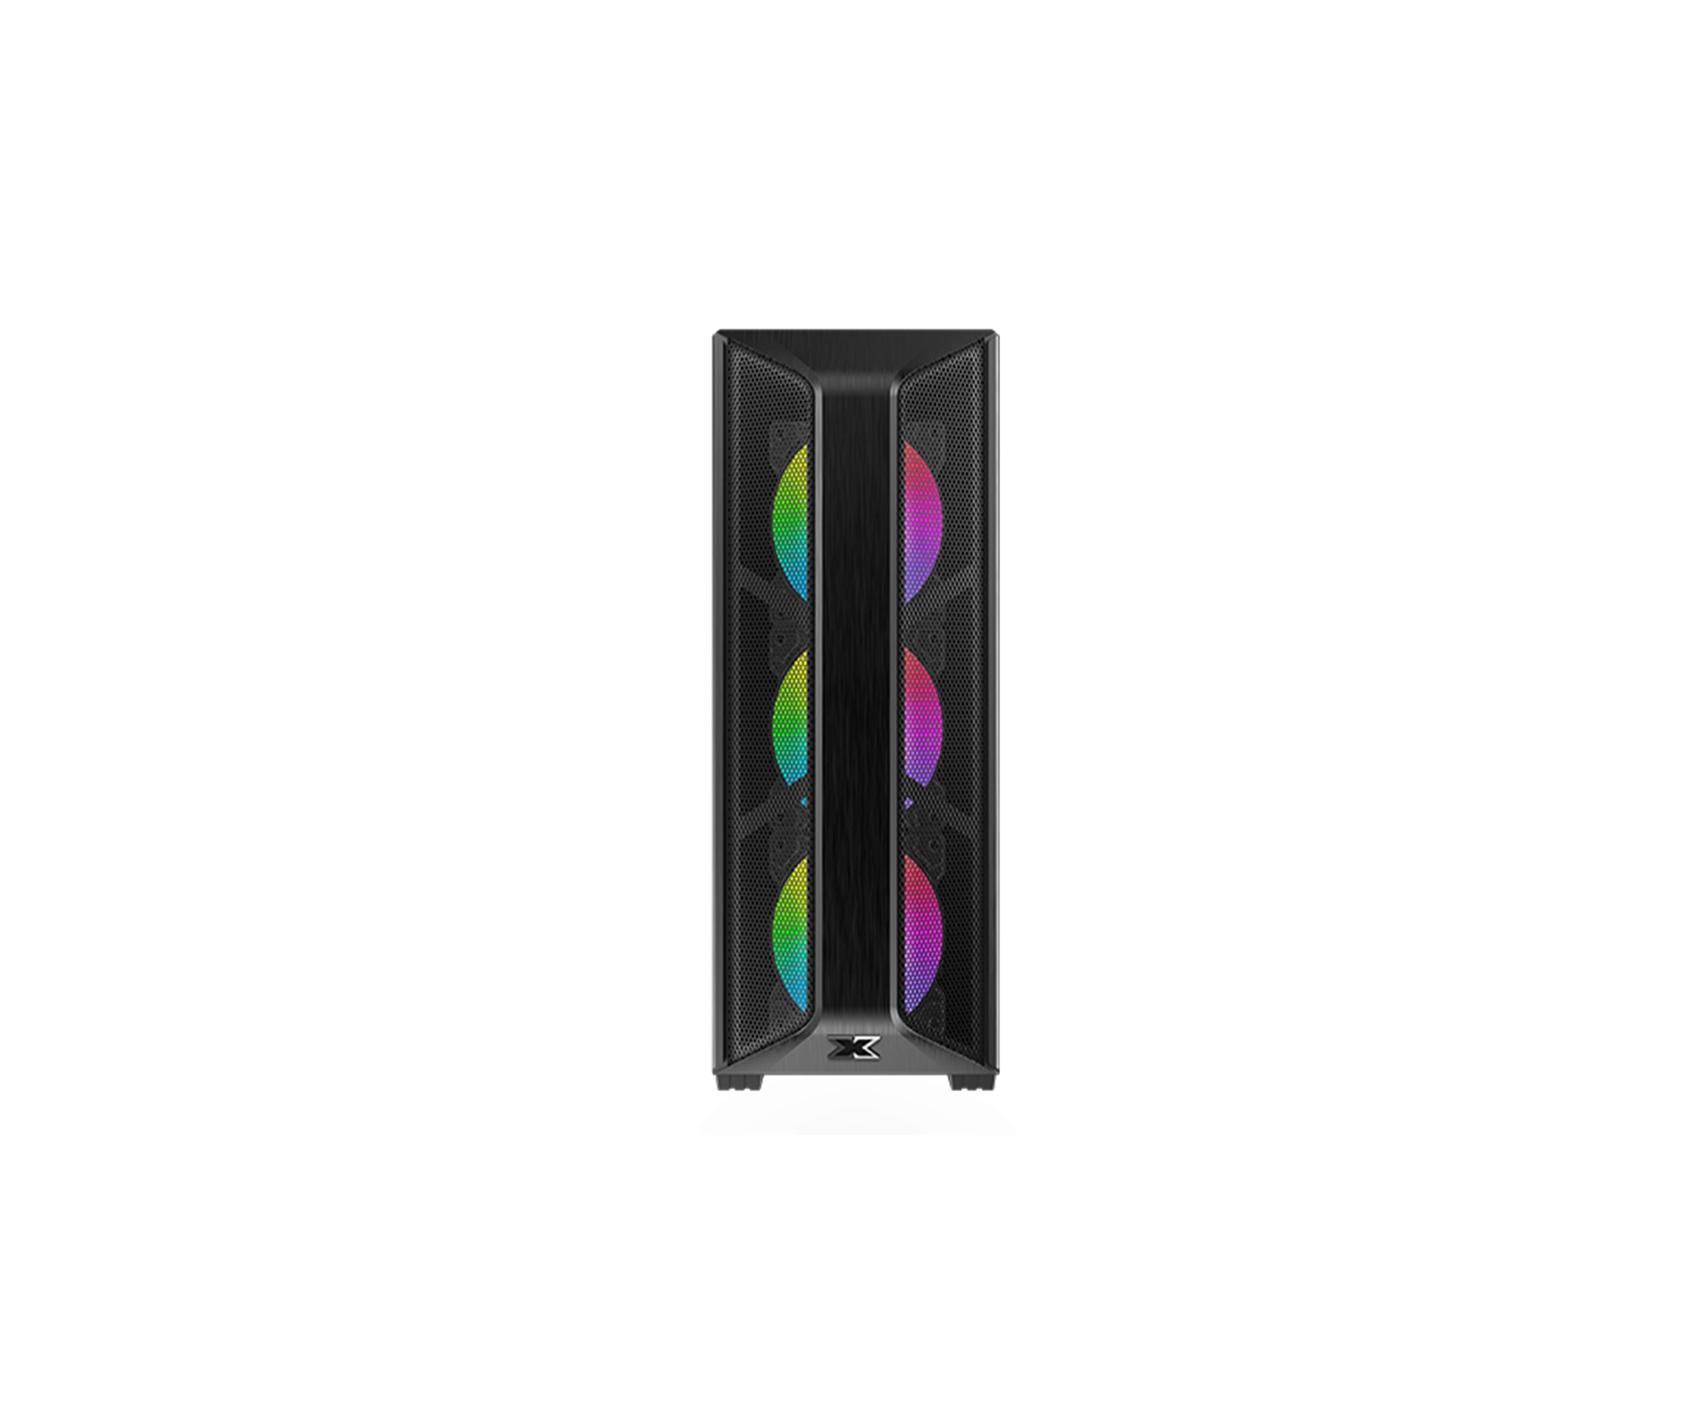 Xigmatek case Trio with 600W 80+ PSU